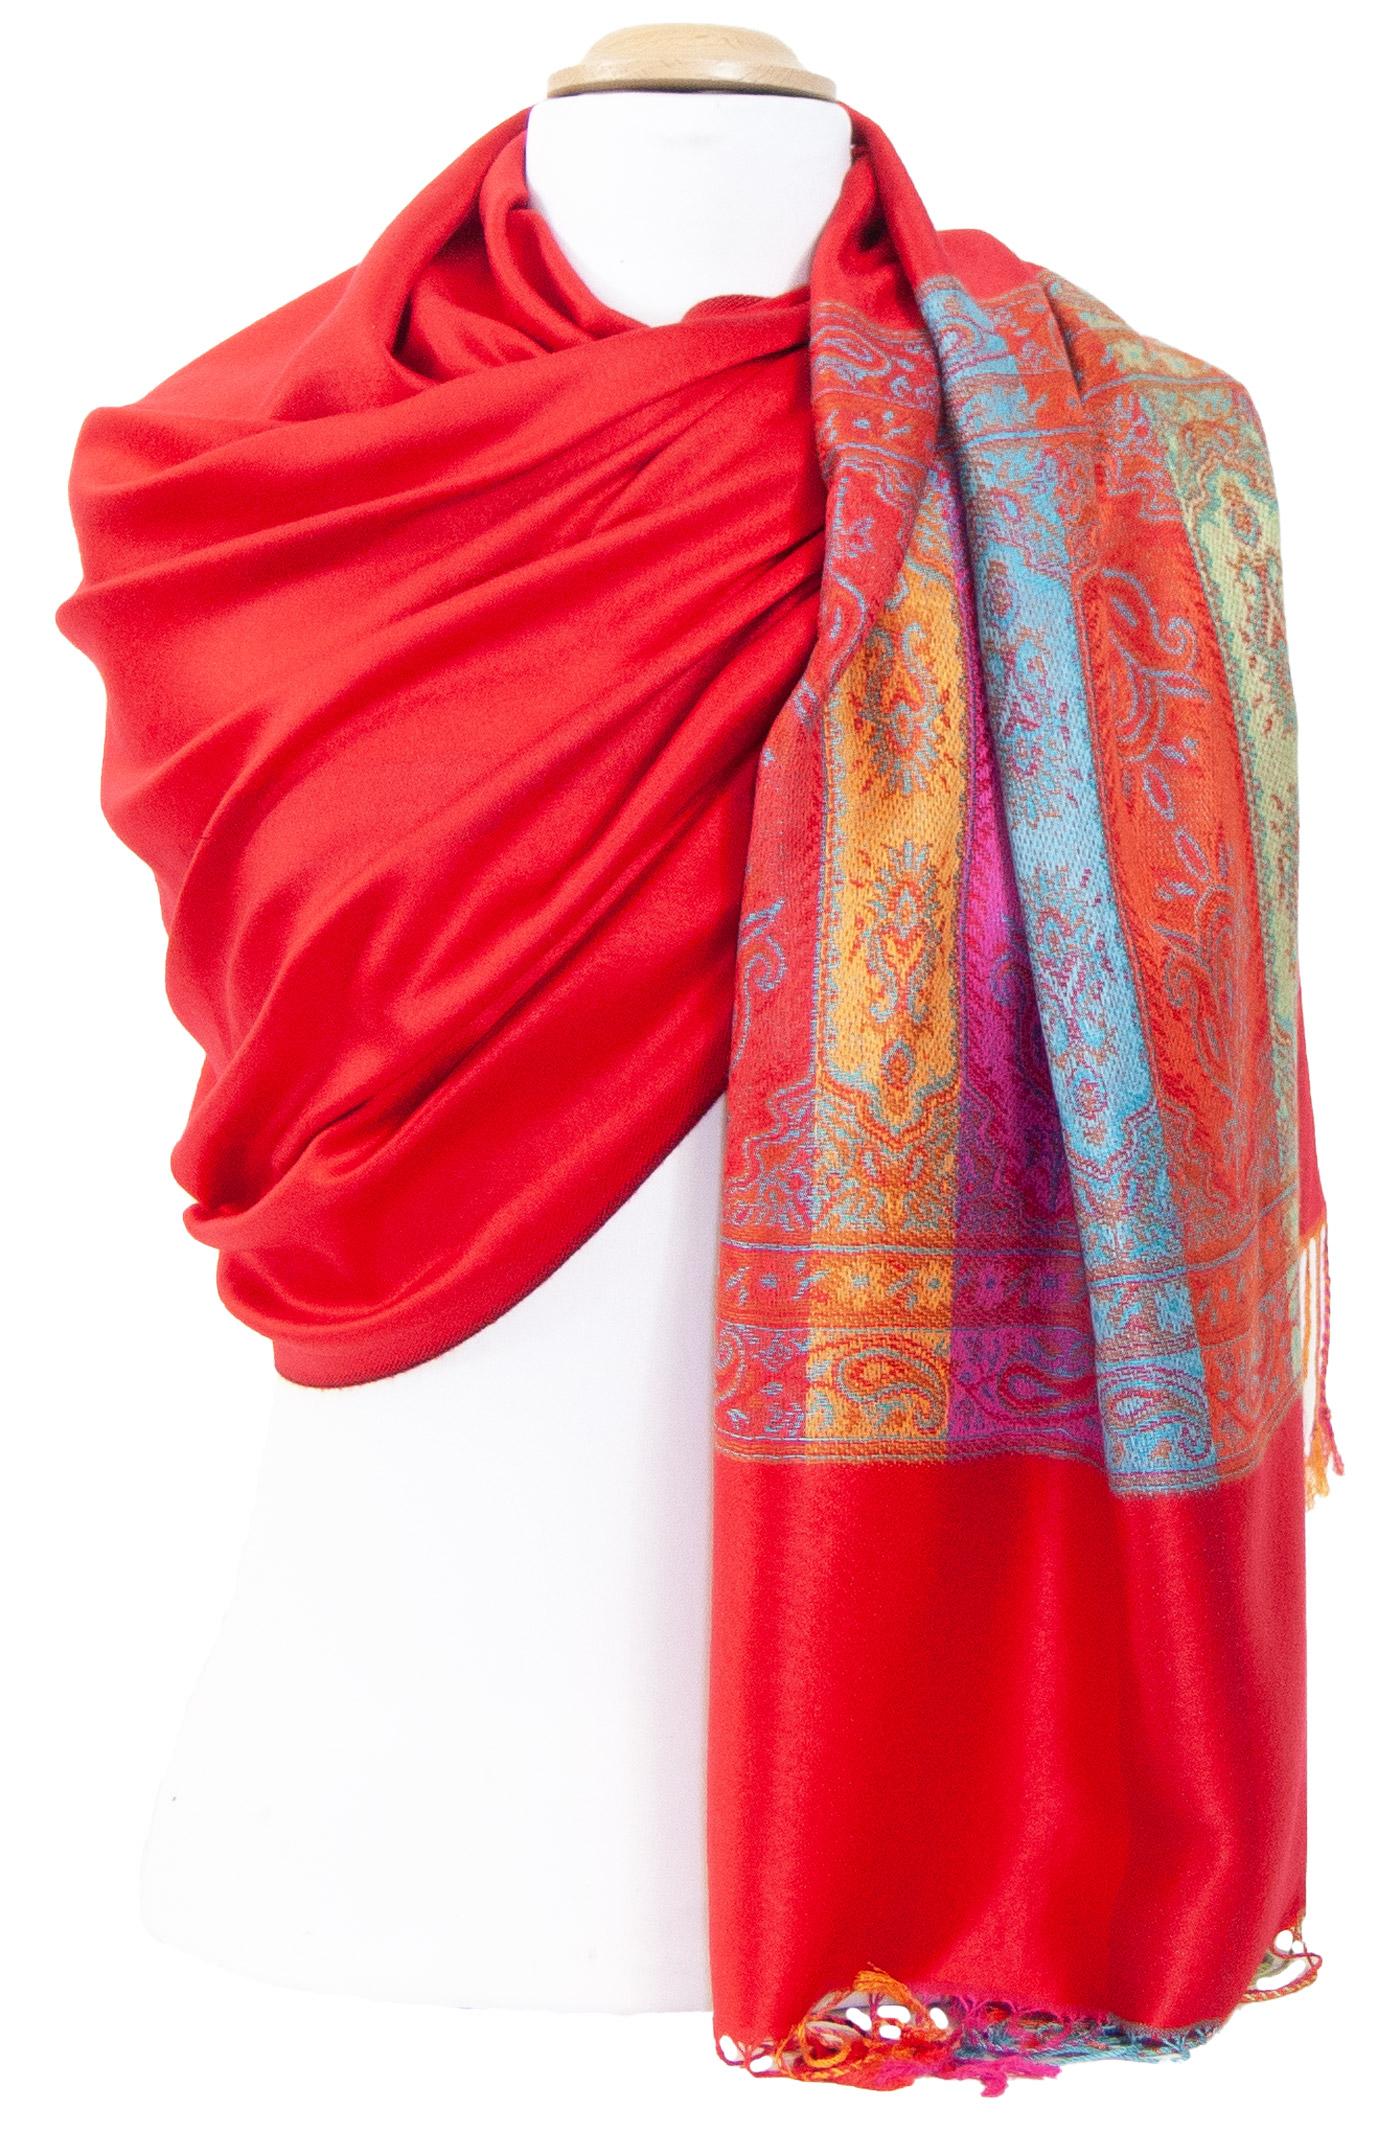 Etole pashmina rouge clair tissage multicolore